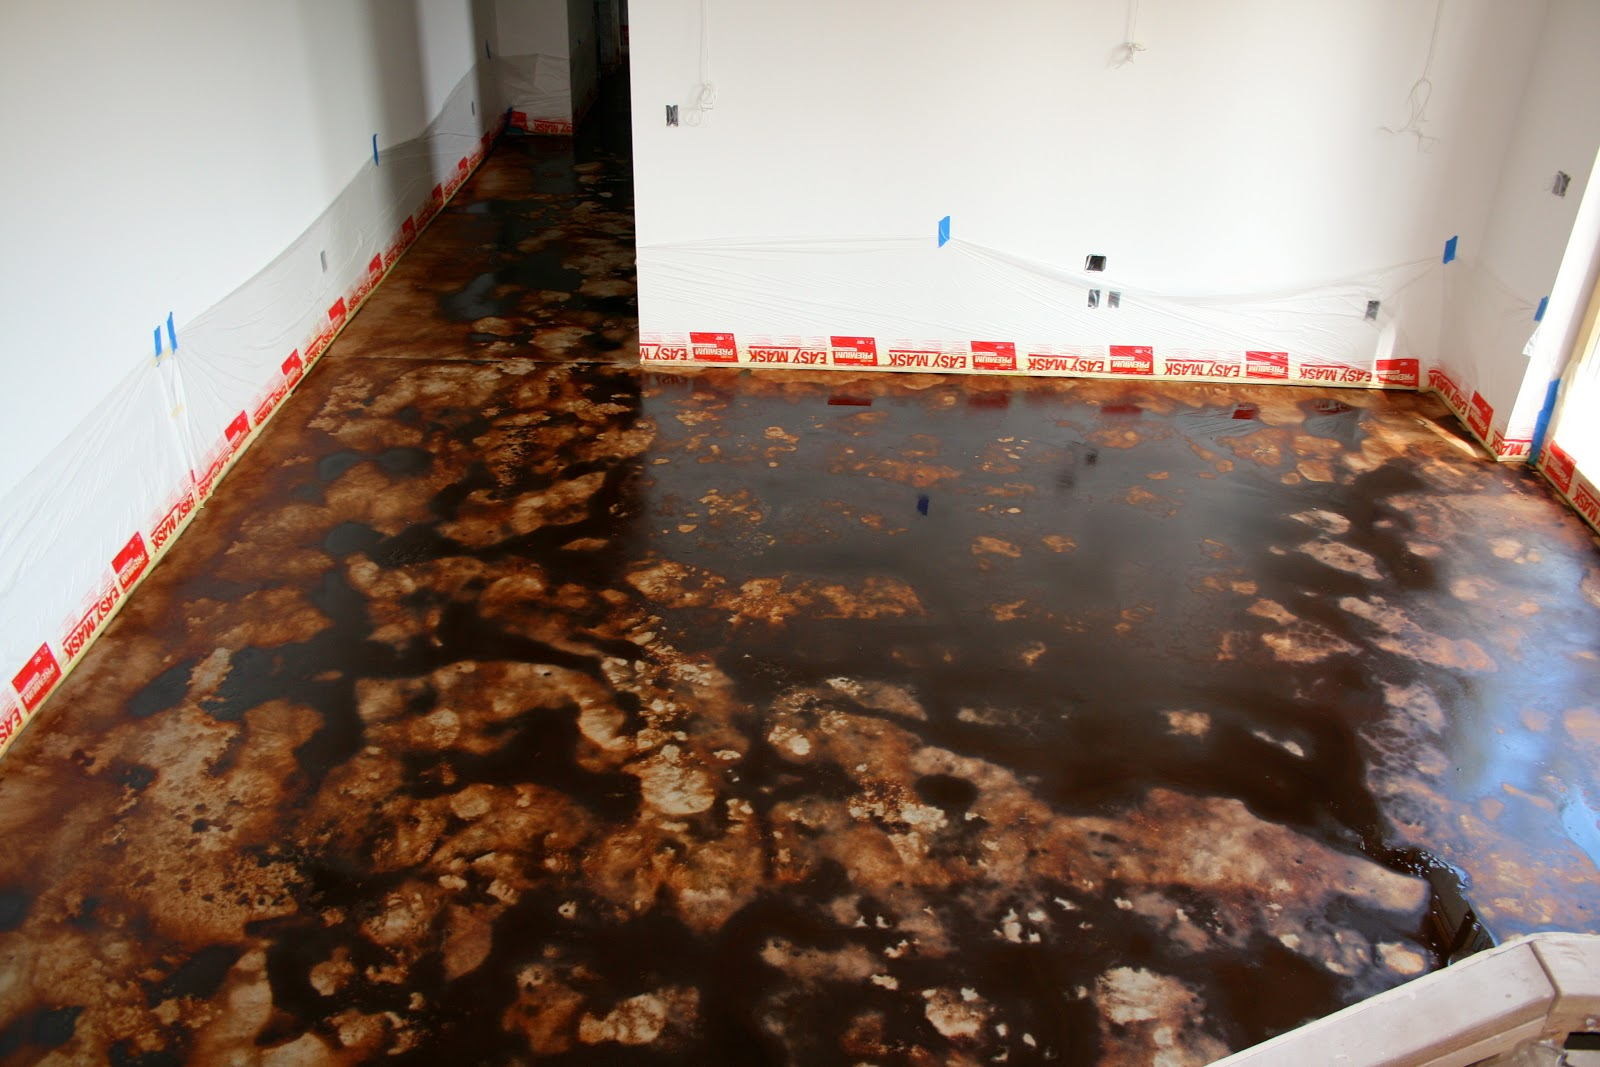 The Farris Family Builds A House Our Floor S On An Acid Trip